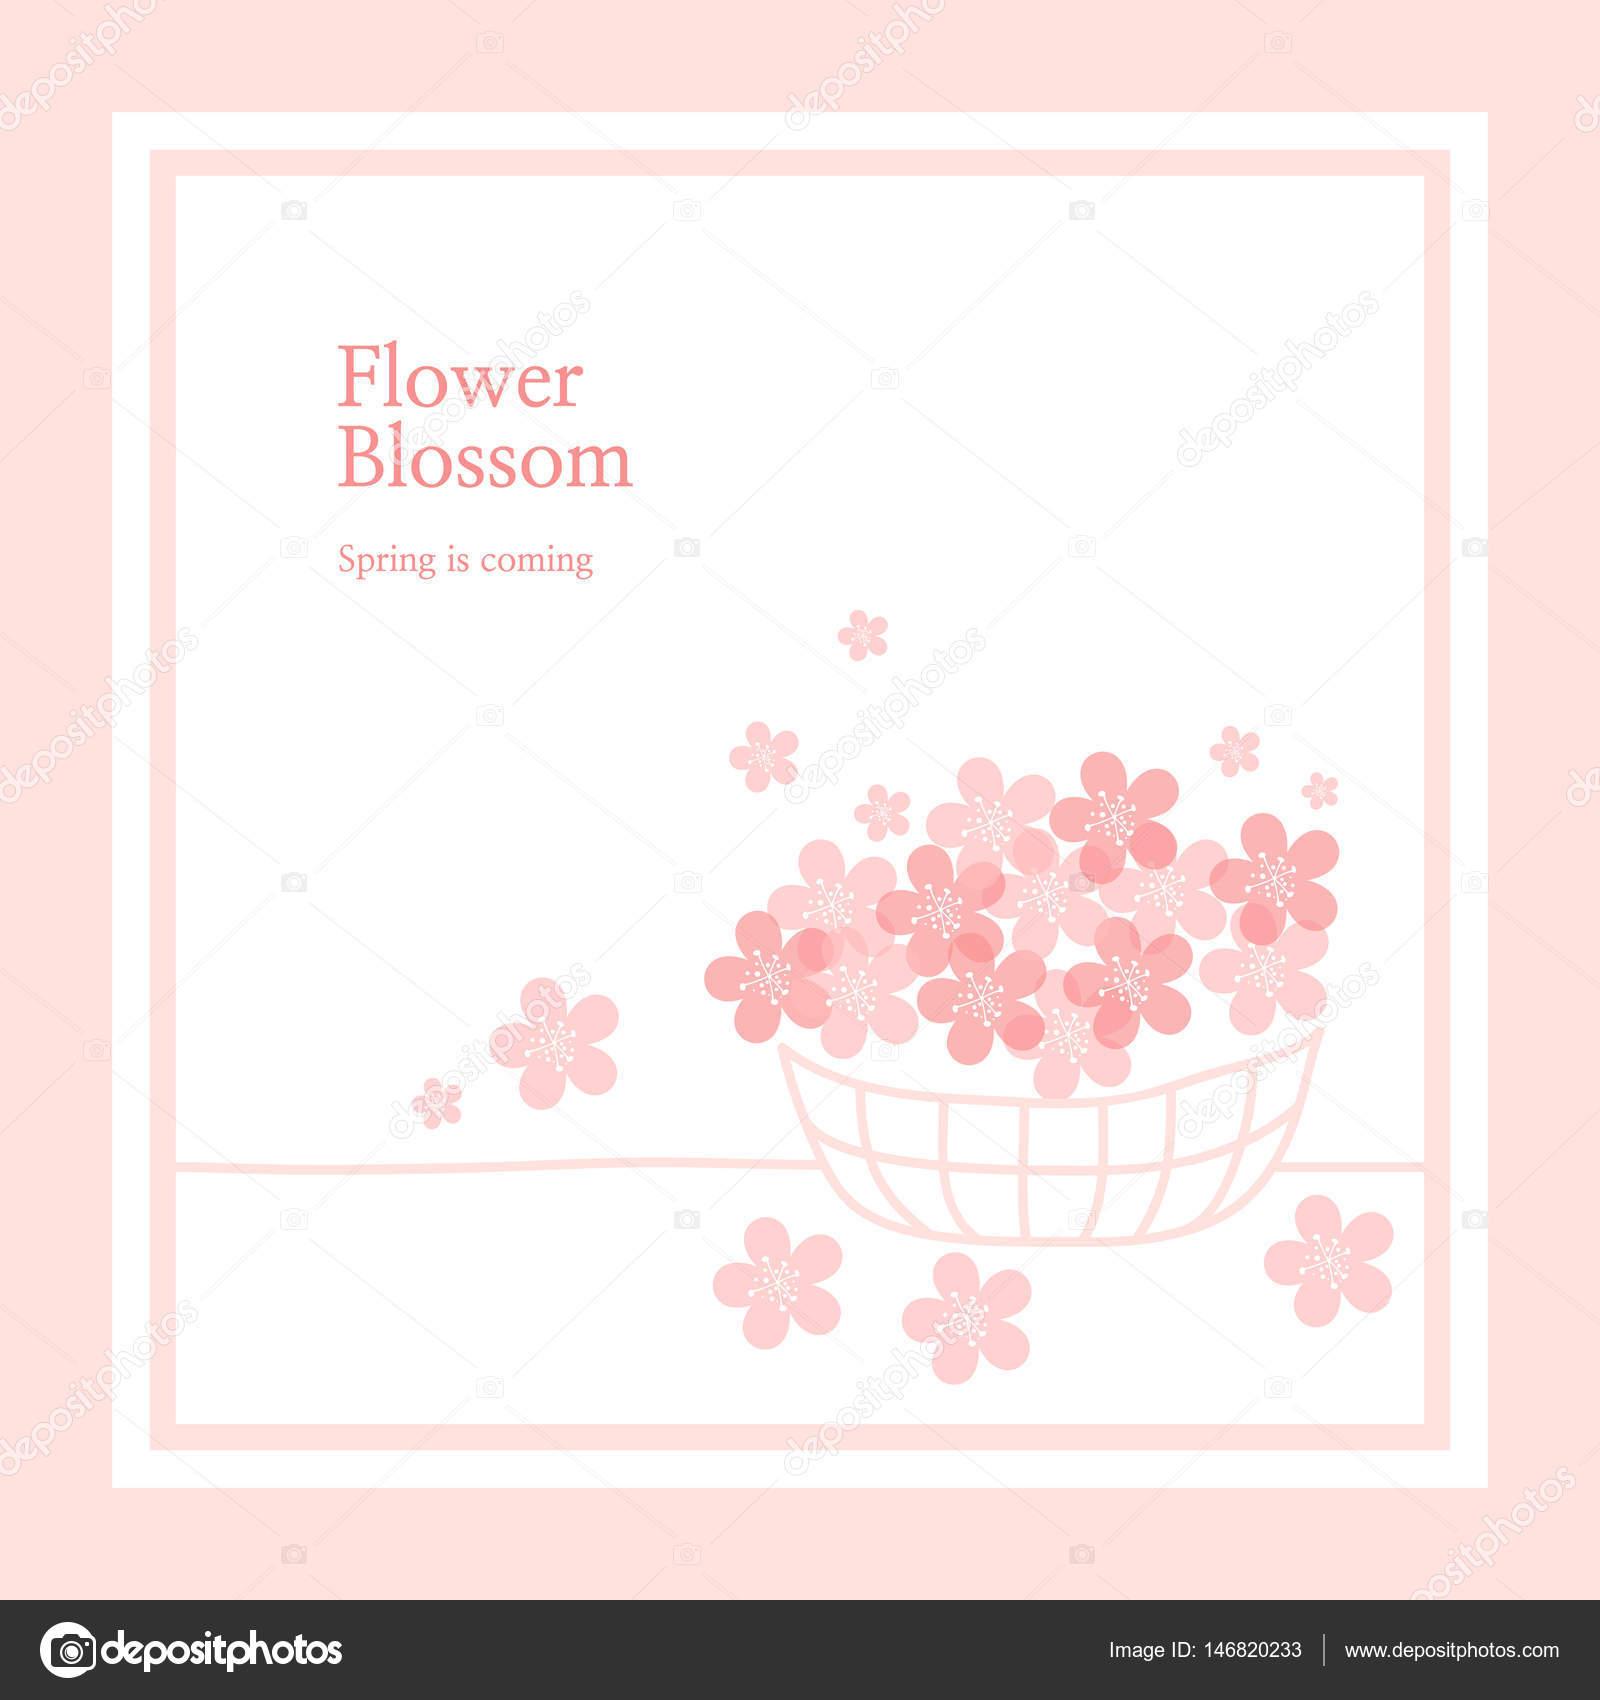 春の花背景イラスト — ストックベクター © silverb #146820233